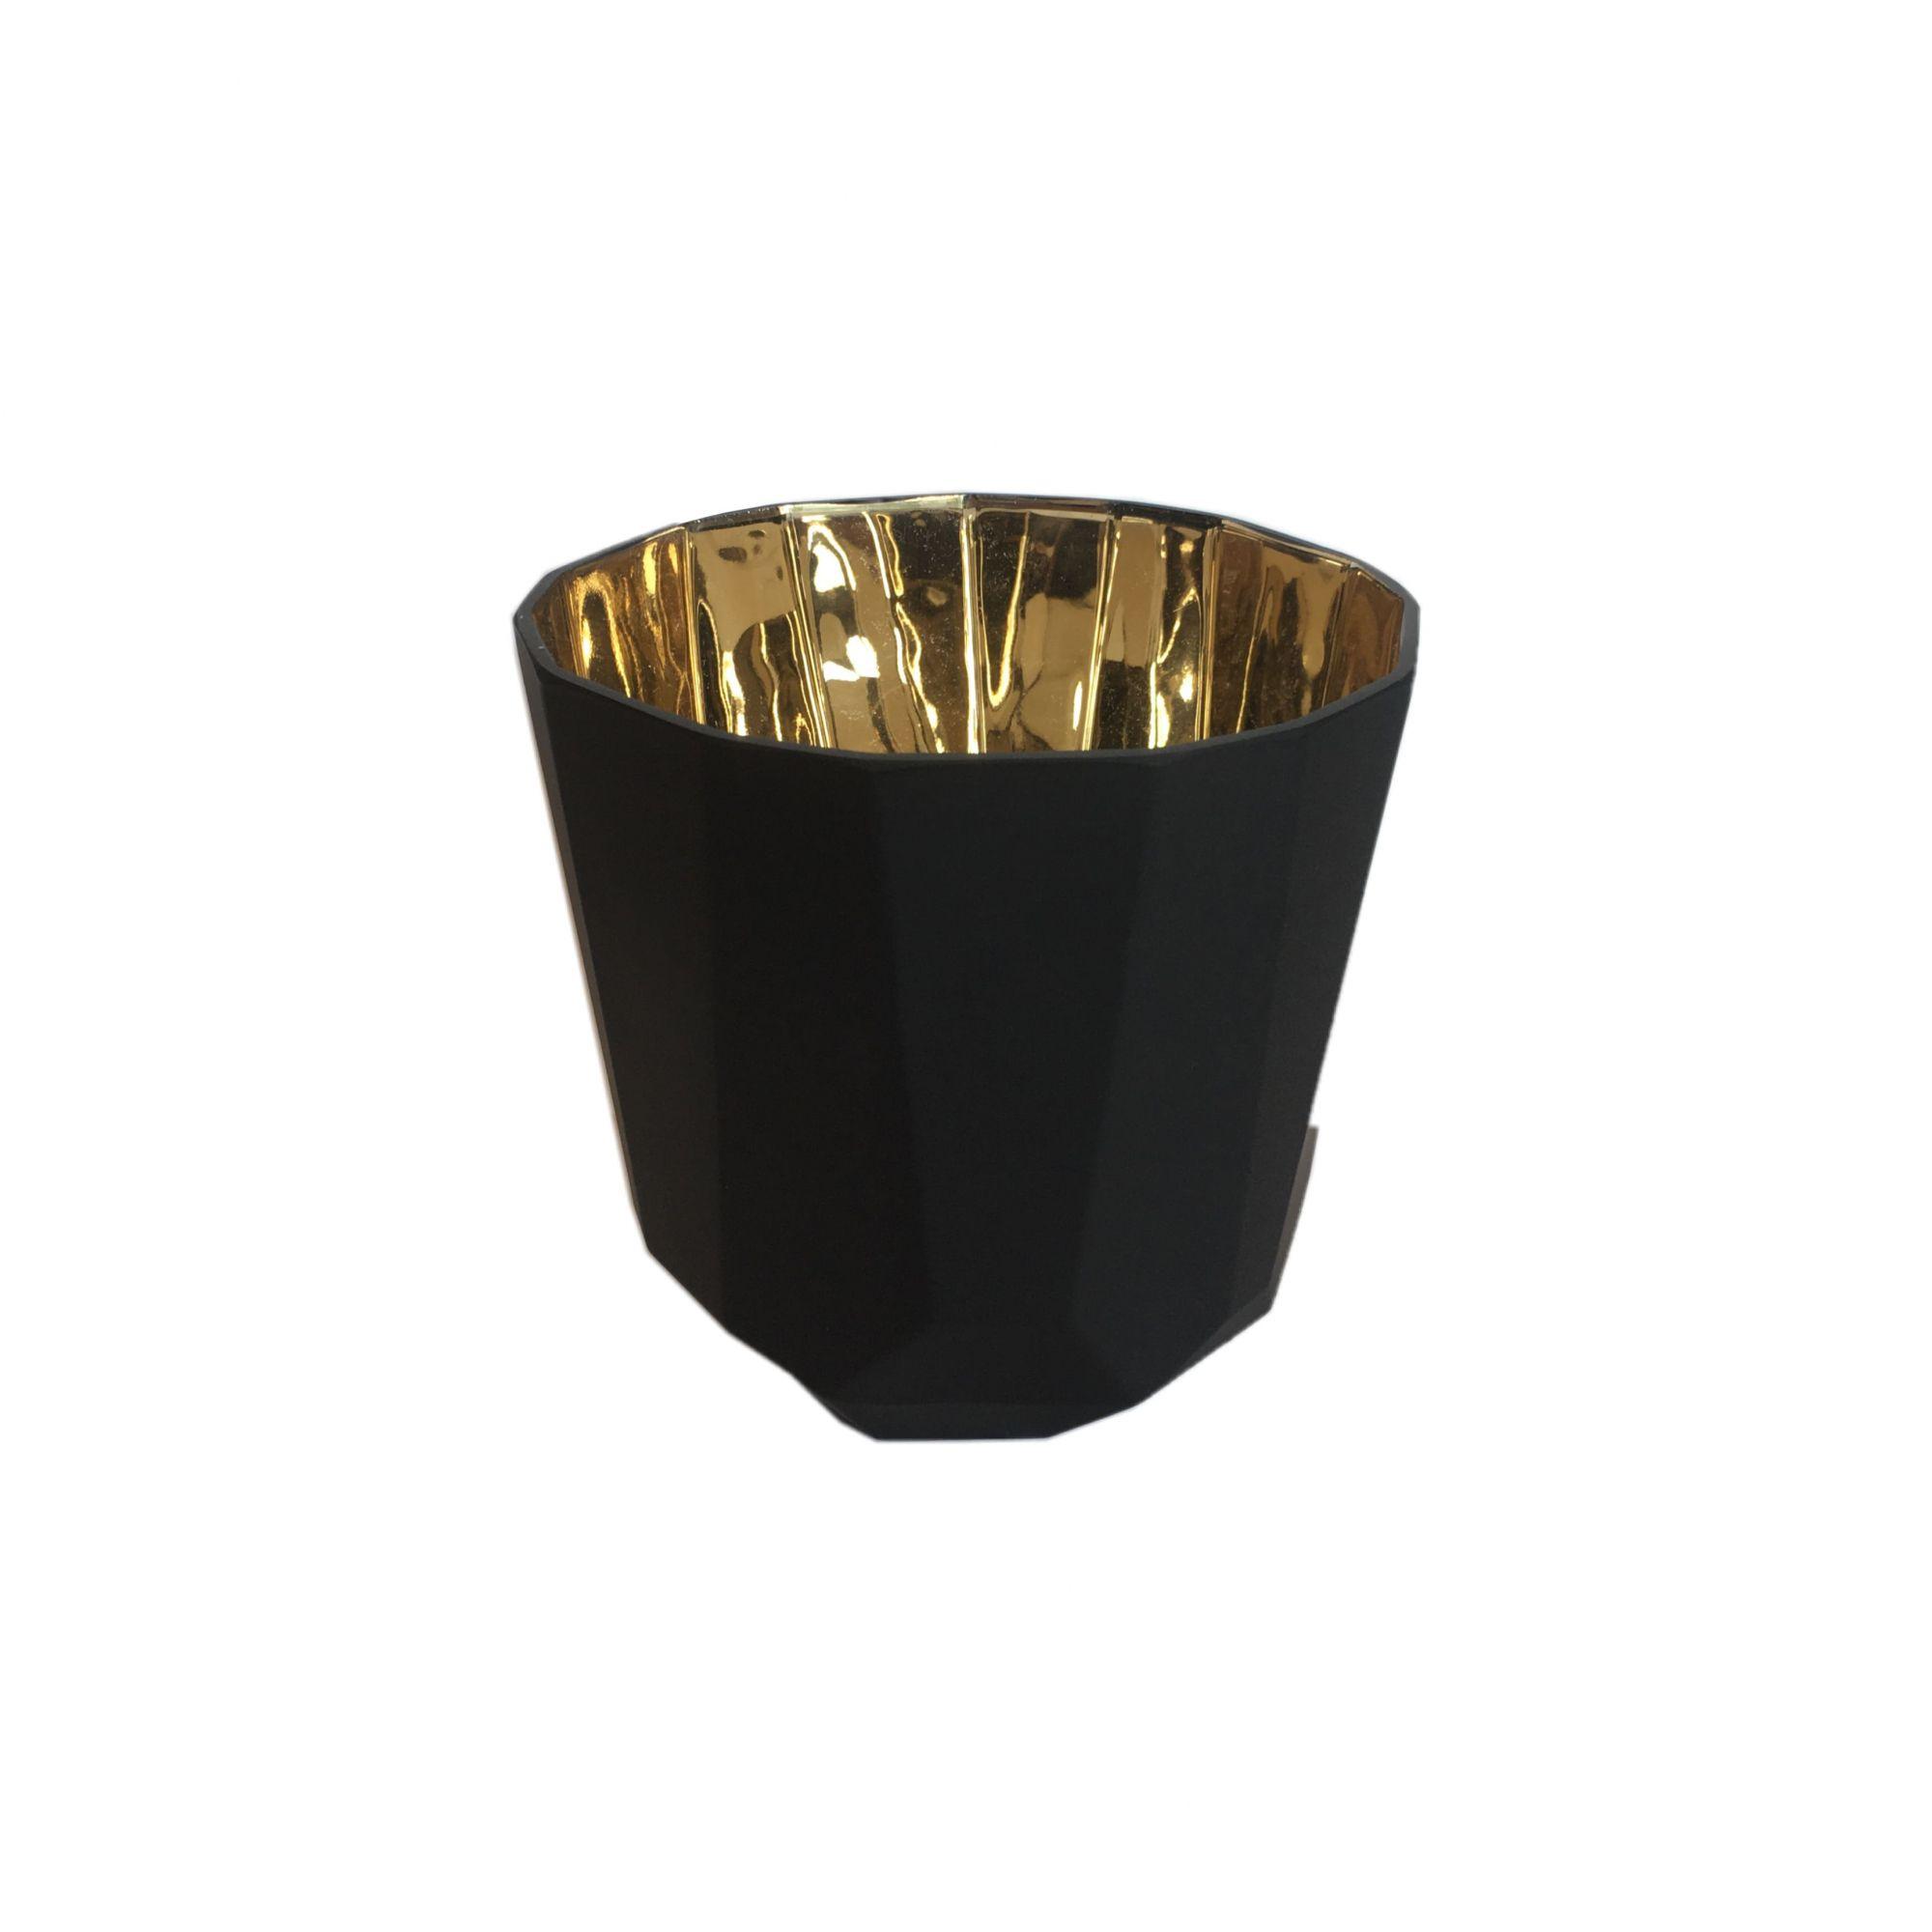 Vaso de Vidro Preto e Dourado